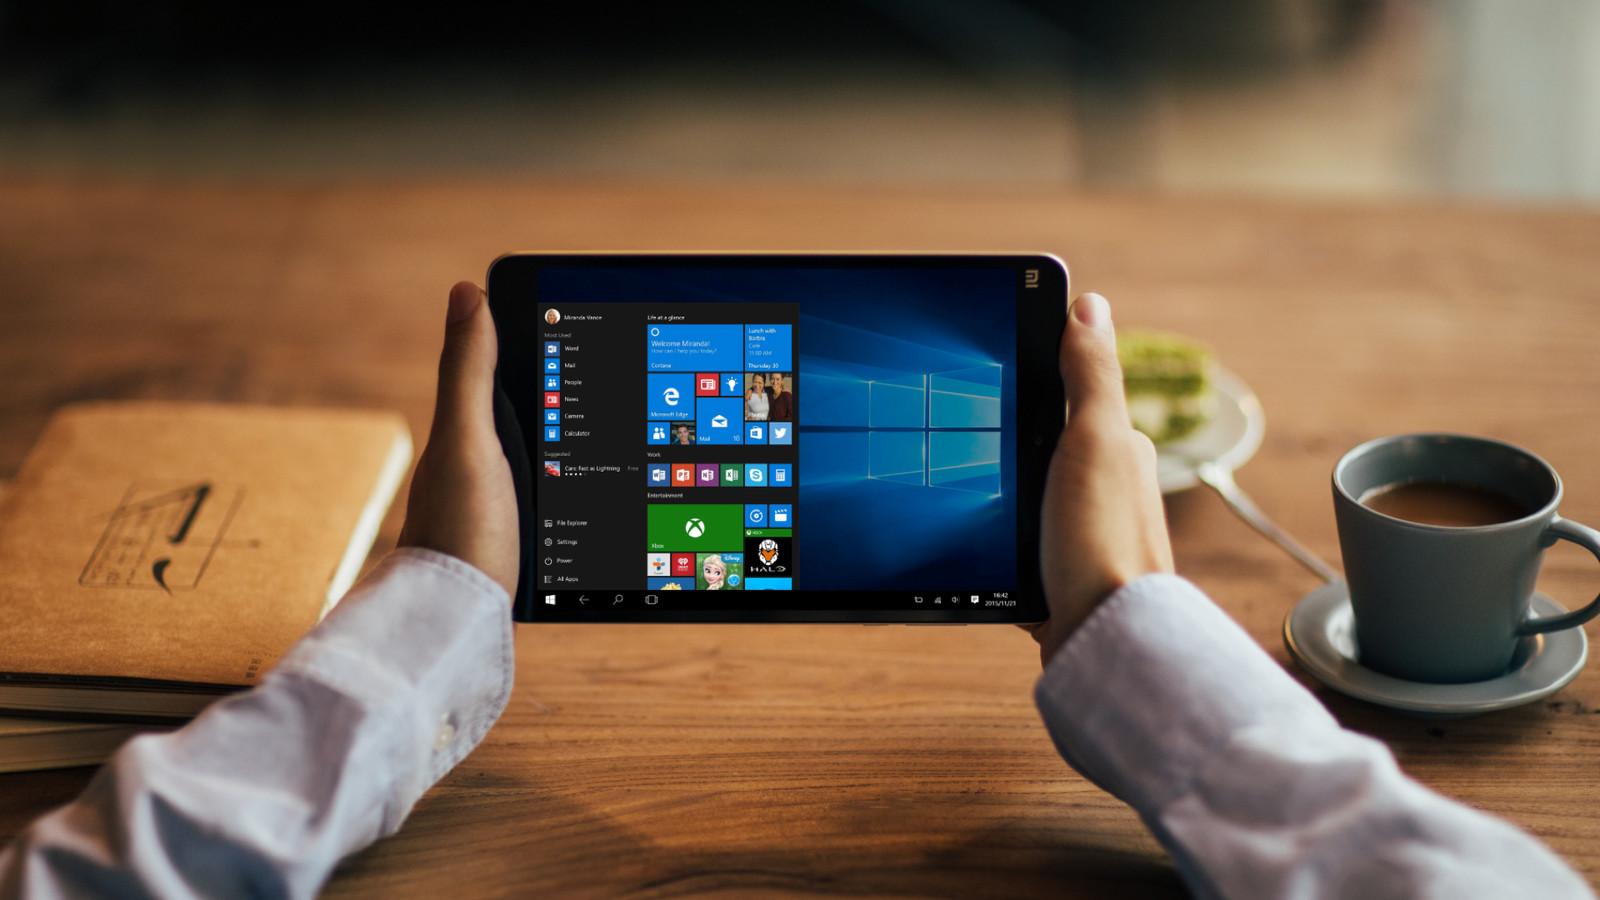 Xiaomi's Mi Pad 2 is an iPad mini that runs Windows 10